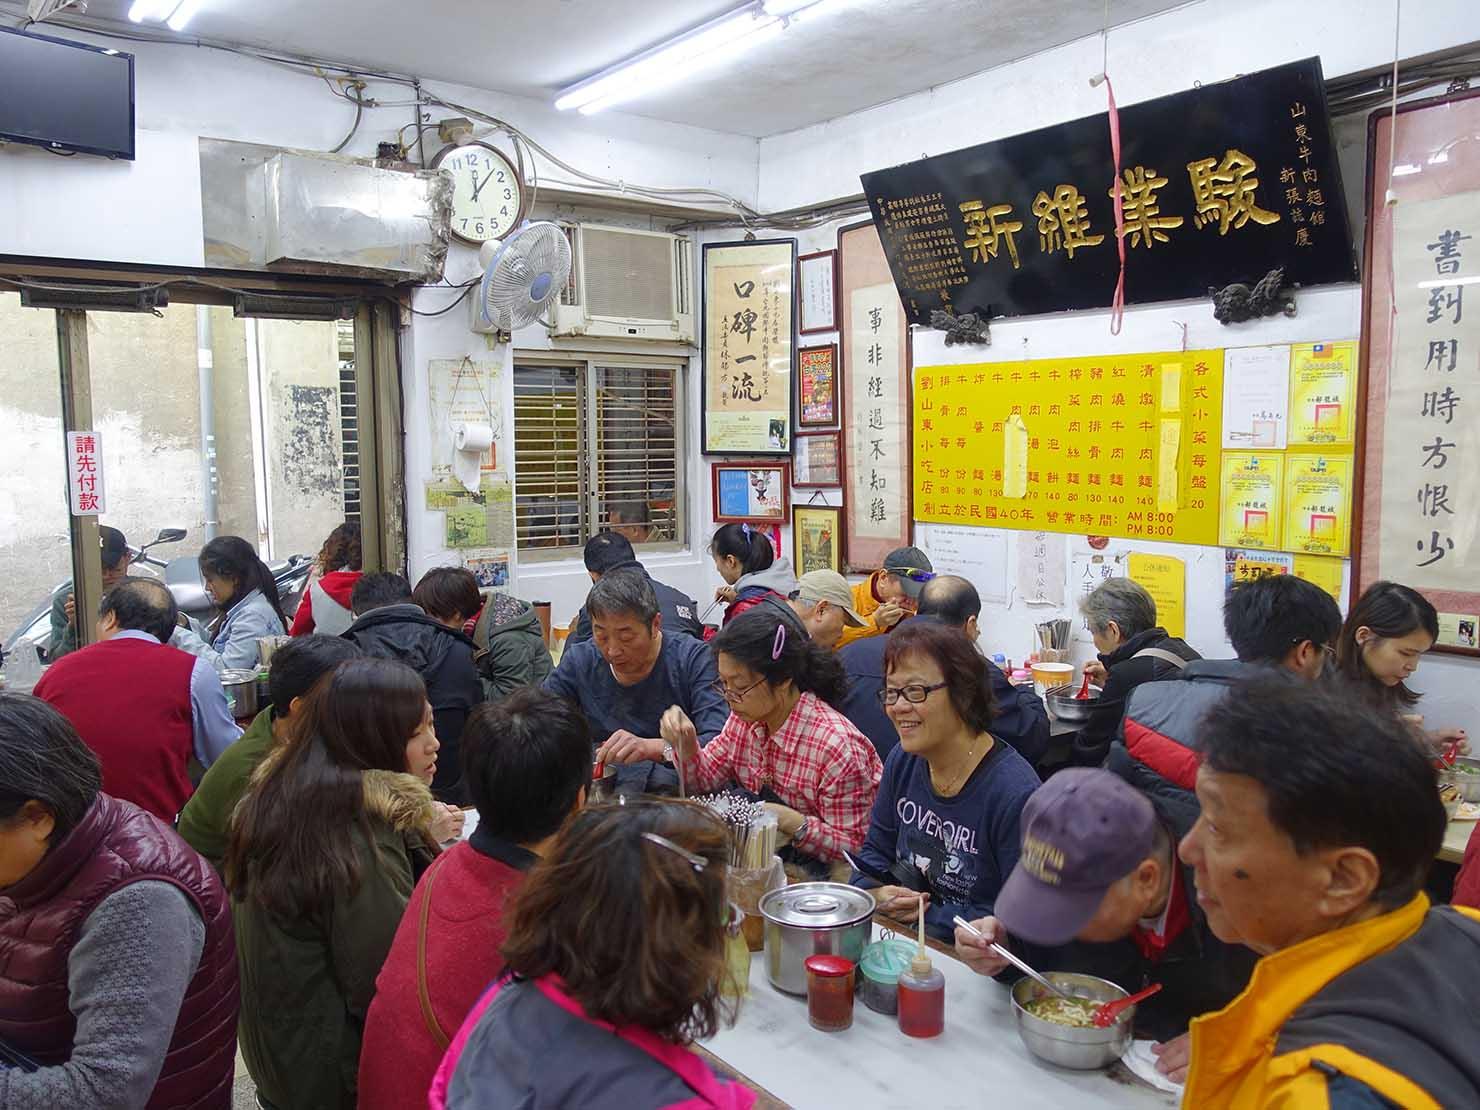 台北駅エリアのおすすめ台湾グルメ店「劉山東牛肉麵」の店内